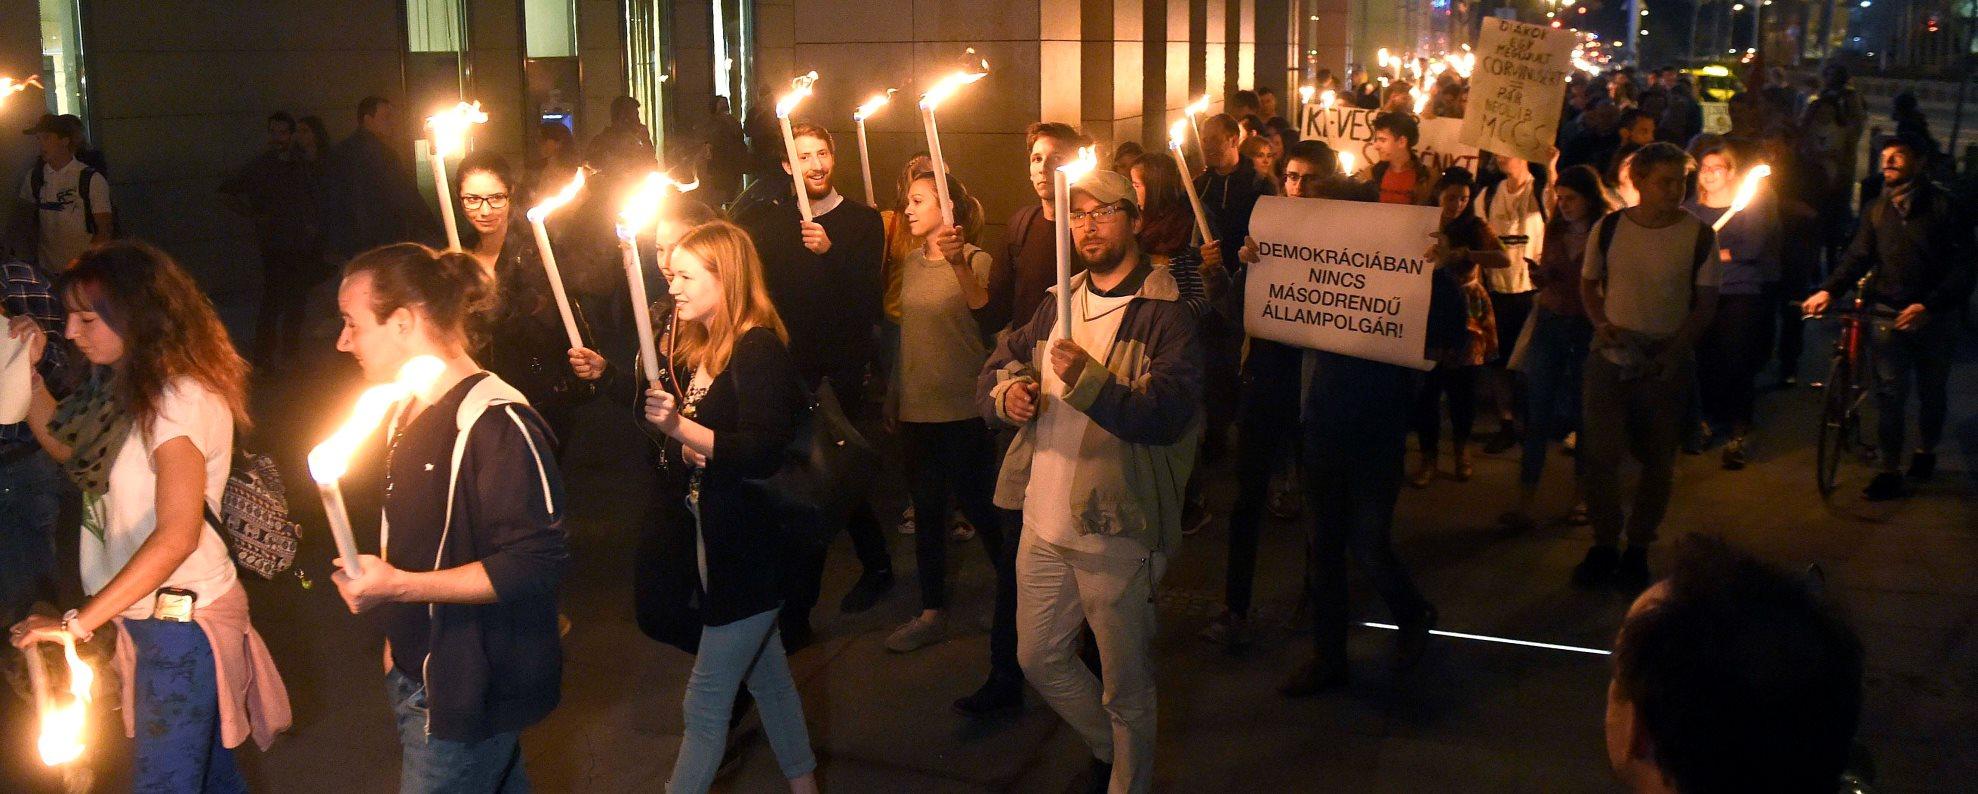 Az LMP ifjúsági szervezete a Corvinus egyetemért demonstrált